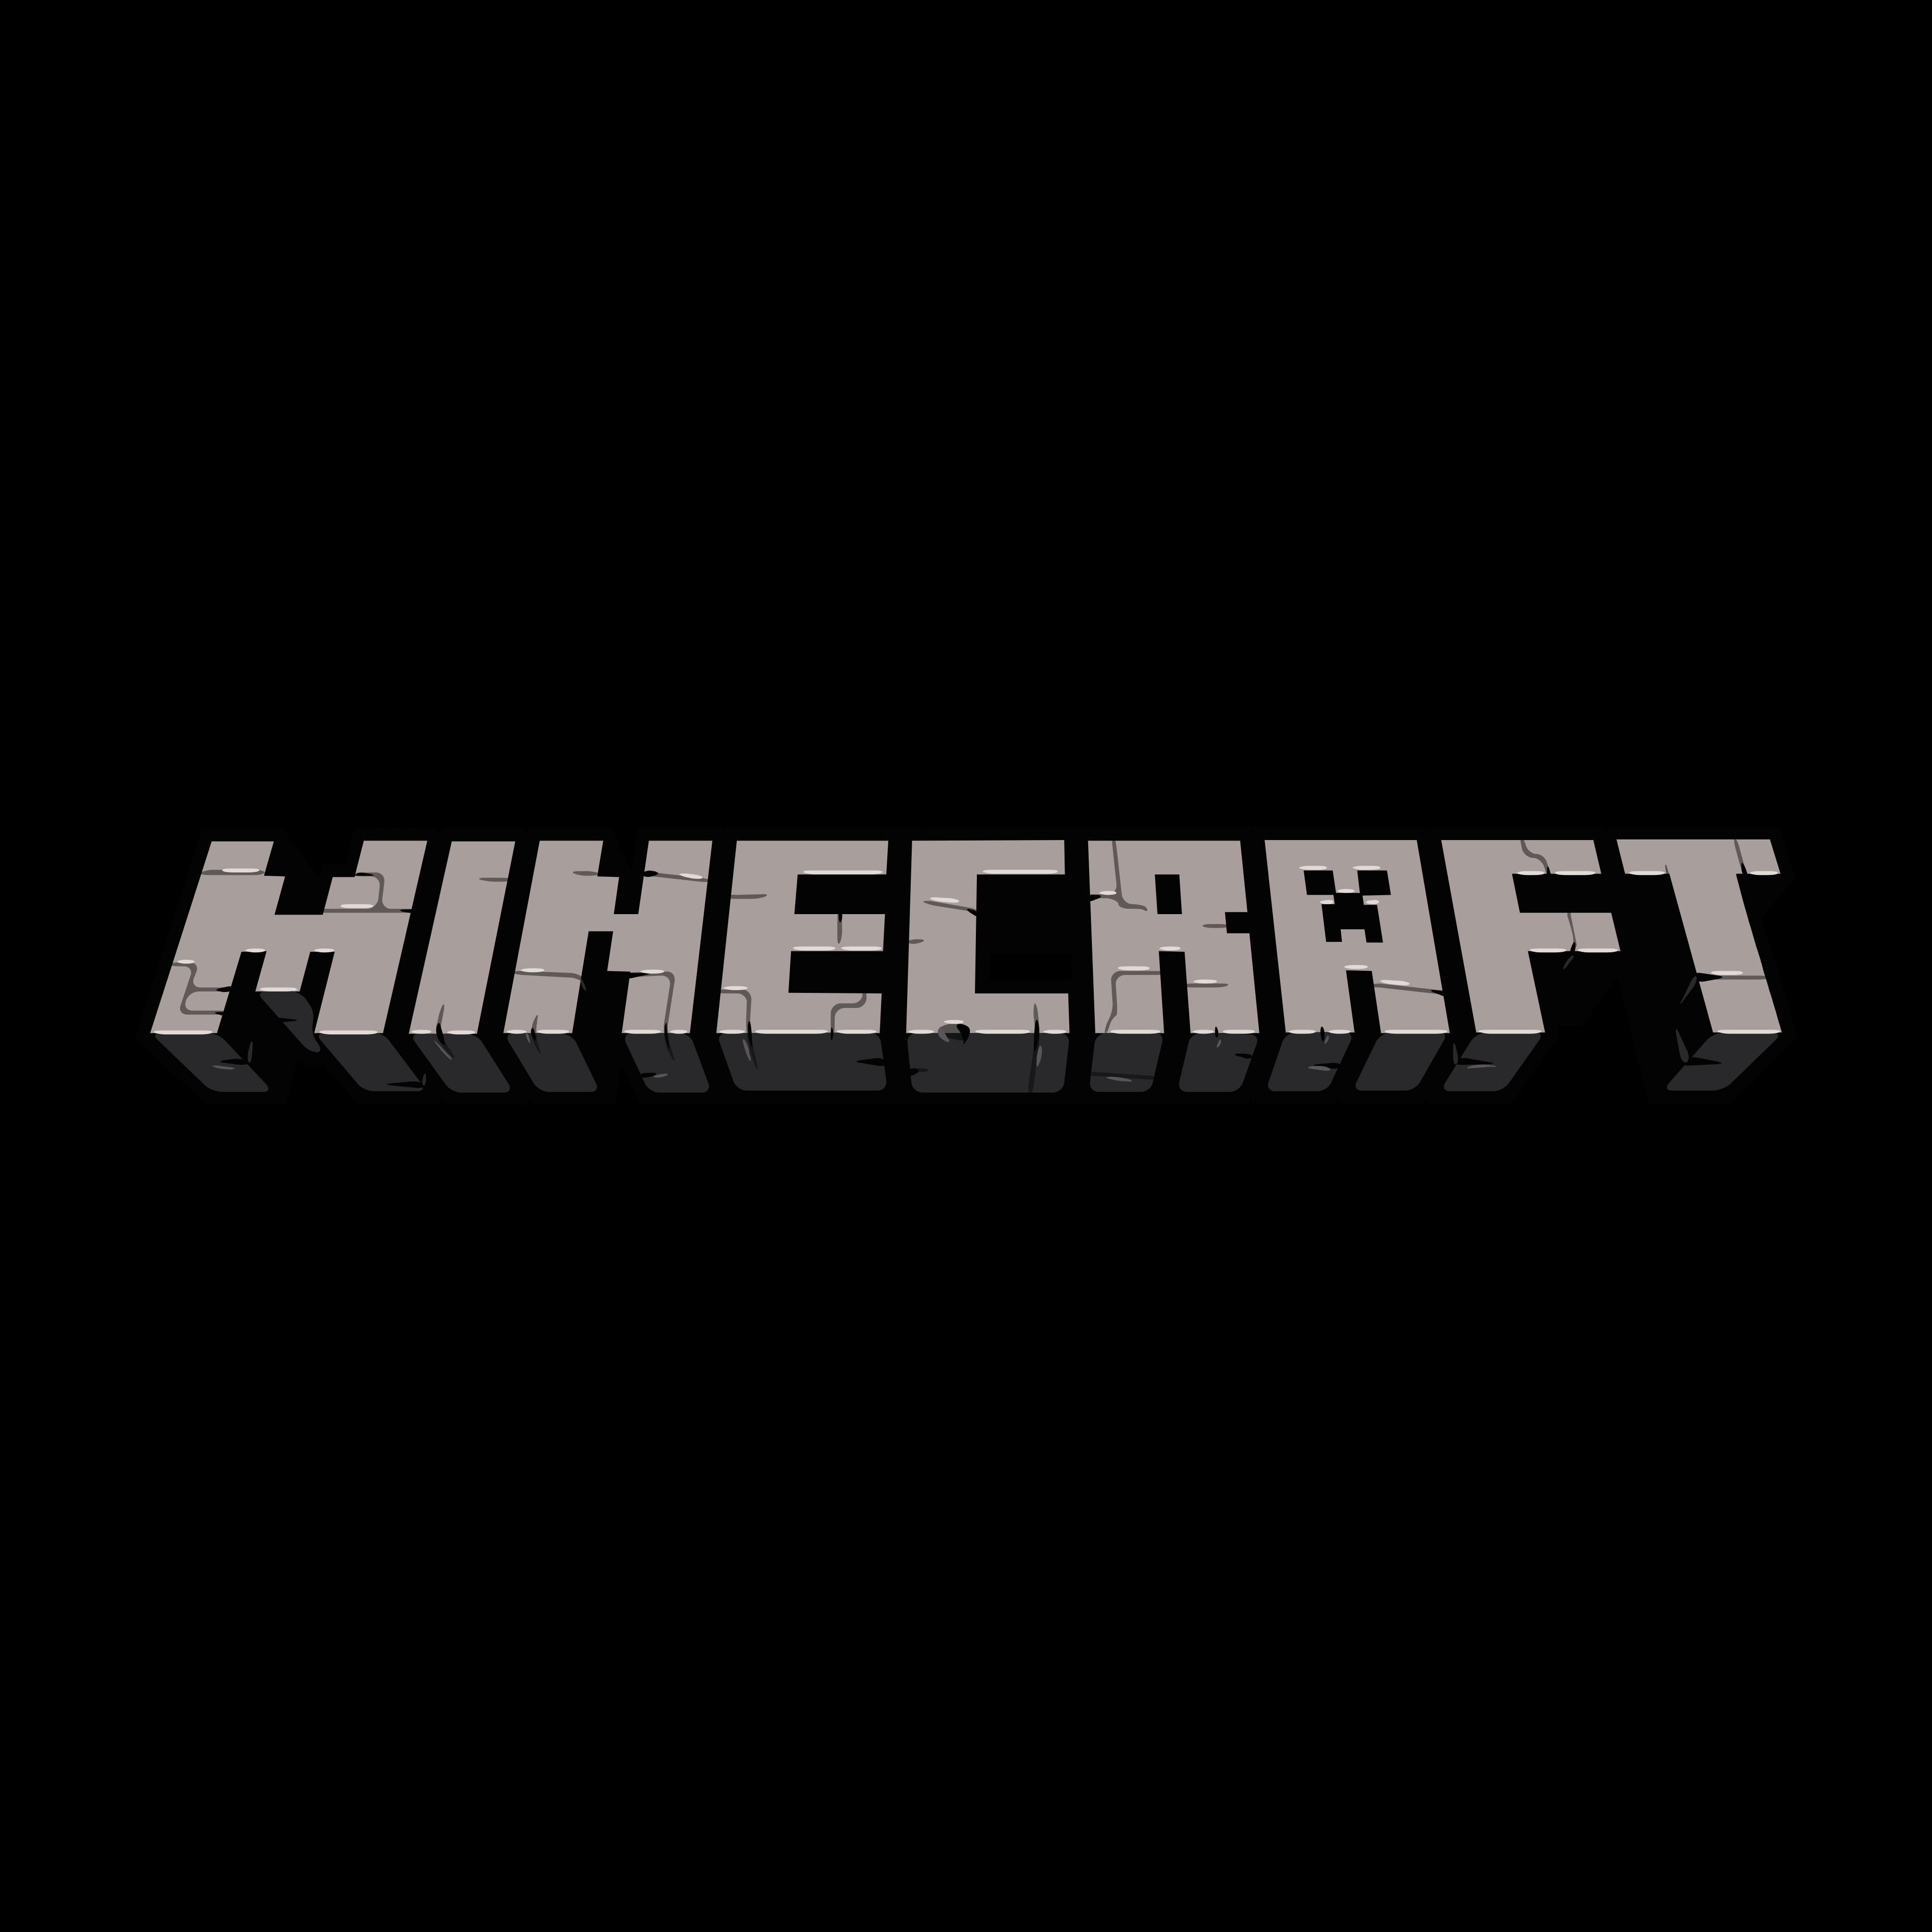 minecraft logo 0 - Minecraft Logo